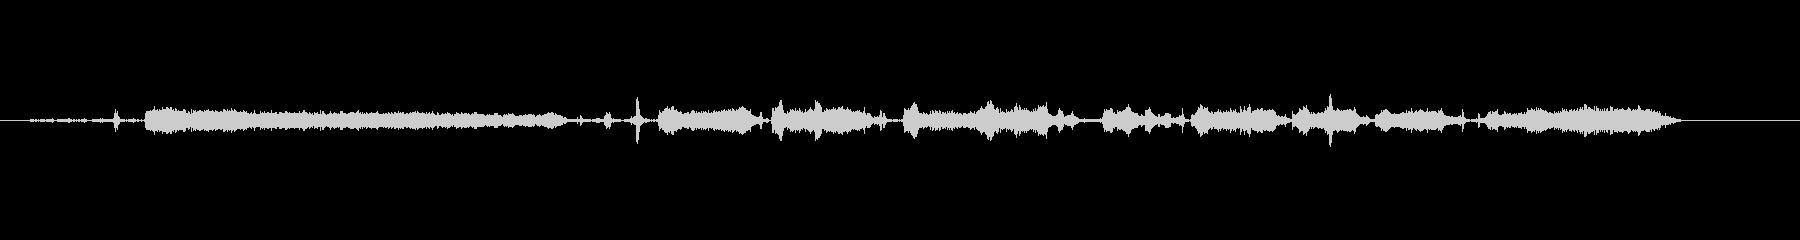 キートリム-楽器の未再生の波形